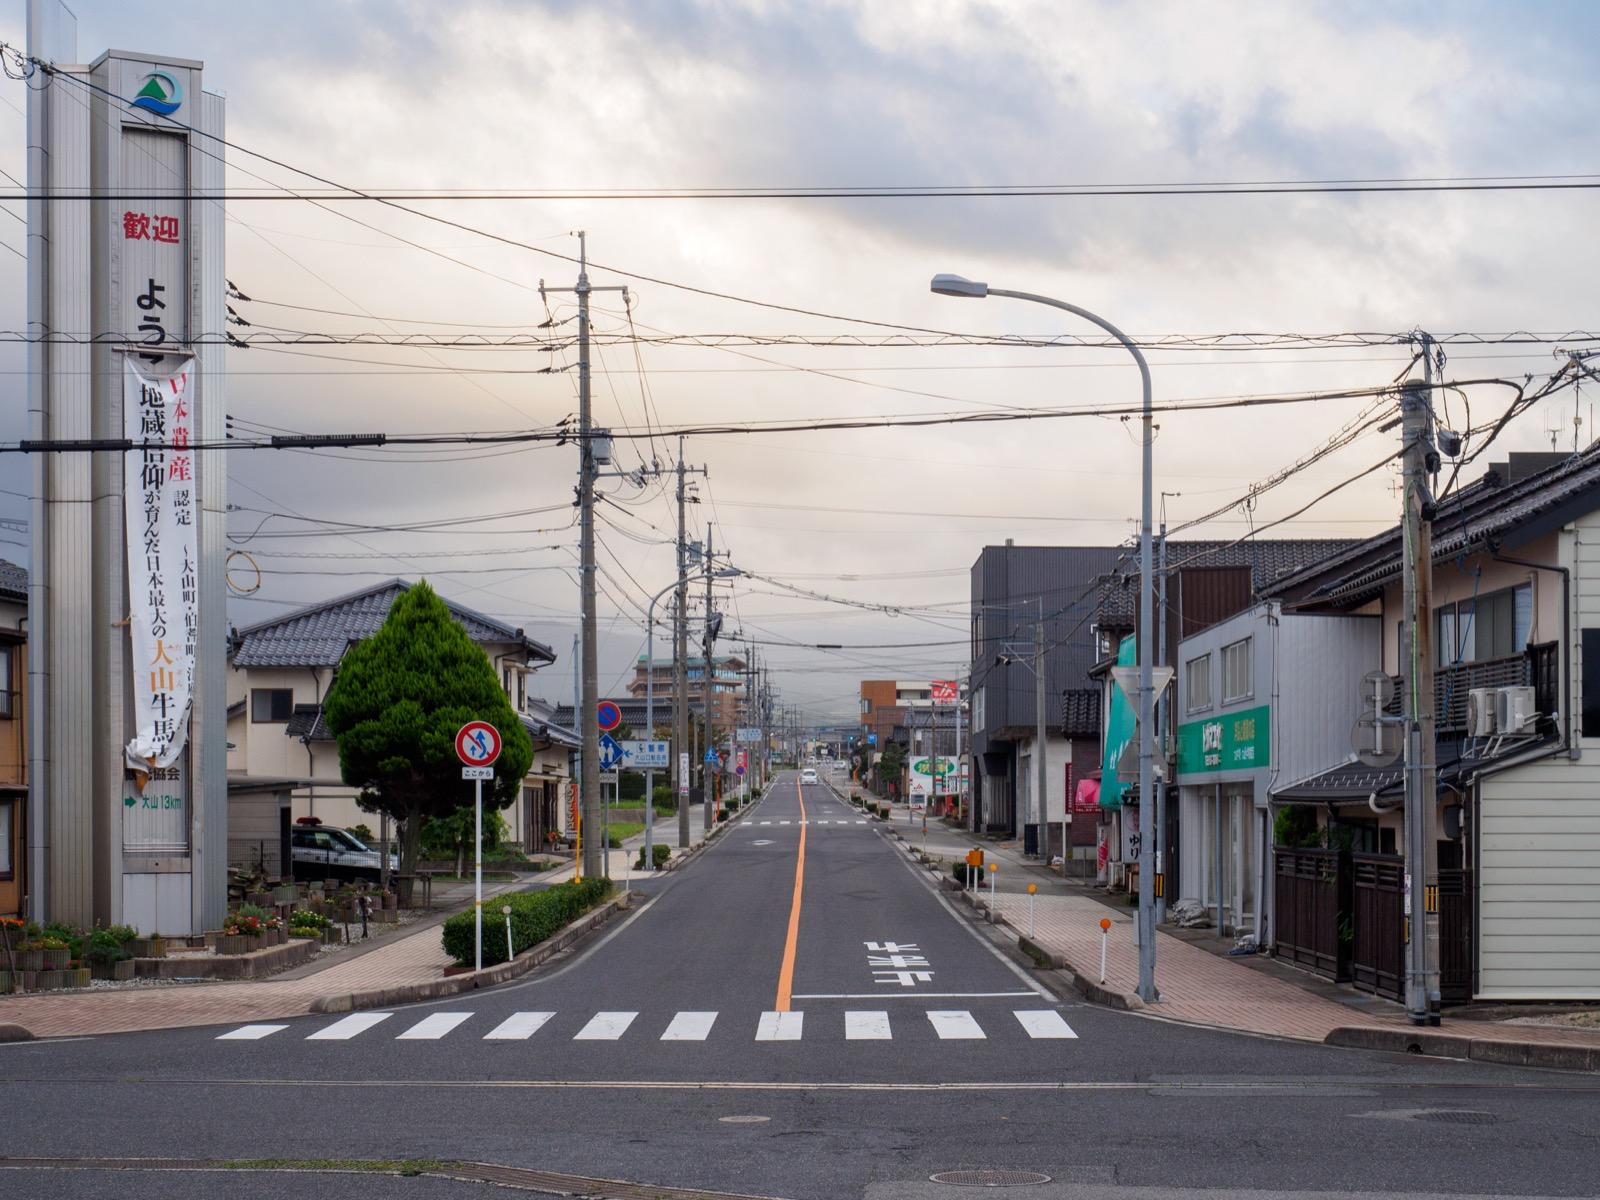 大山口駅前から伸びる県道158号線